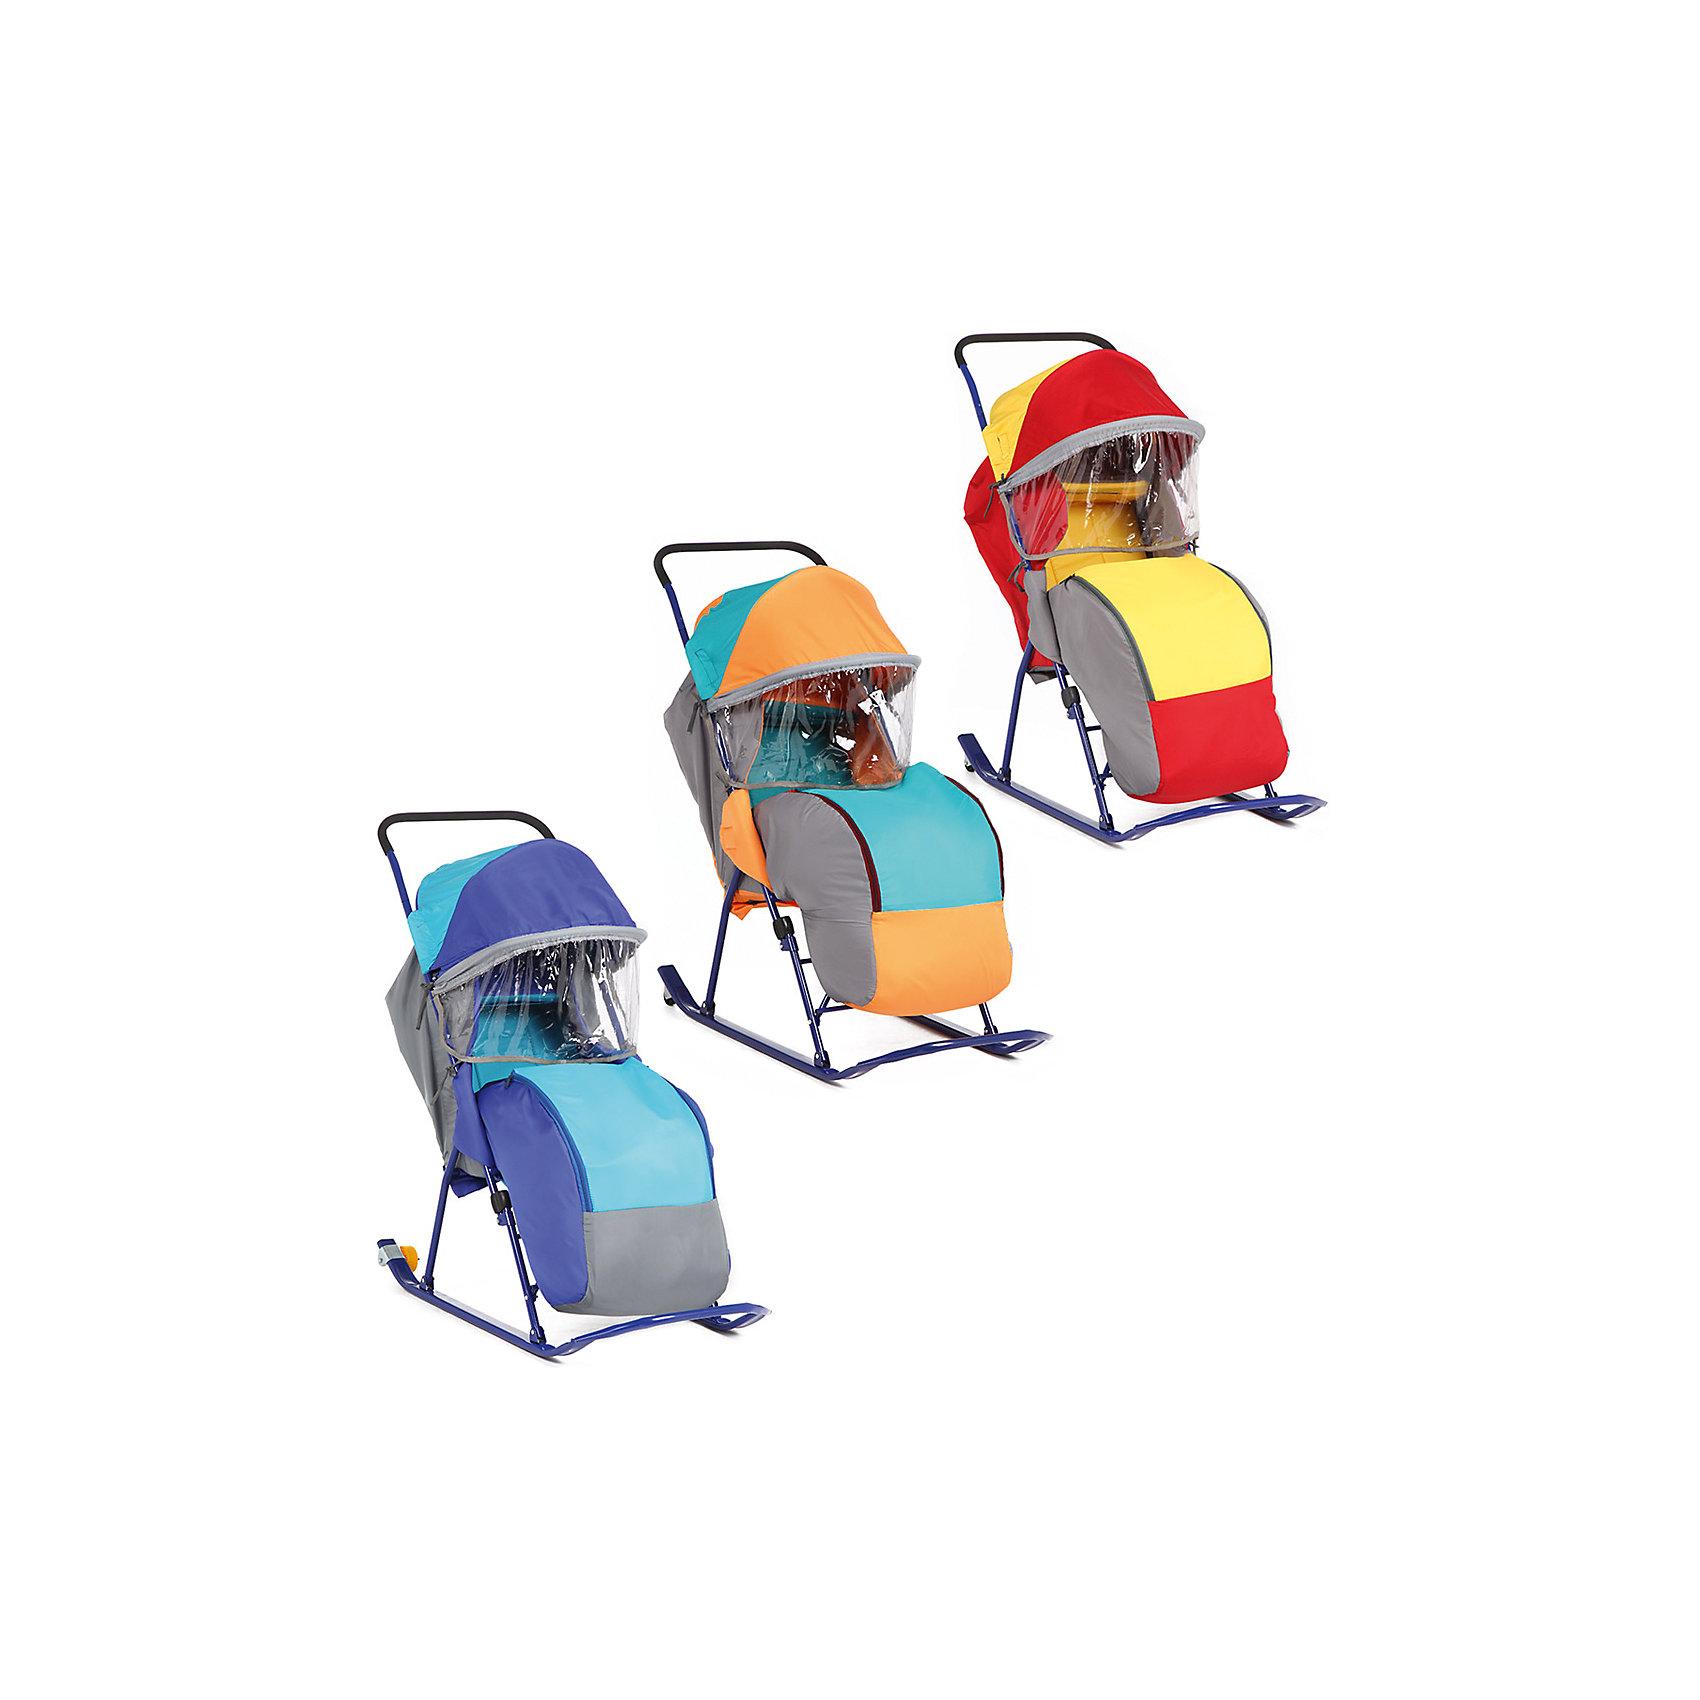 Санки-коляска Малышок 7, GalaxyС колесиками<br>Характеристики:<br><br>• Наименование: санки-коляска<br>• Сезон: зима<br>• Пол: универсальный<br>• Материал: металл, пластик, текстиль<br>• Цвет: в ассортименте<br>• Наличие 2-х маленьких колесиков<br>• Наличие перекидной ручки<br>• Наличие ремней безопасности<br>• Максимально допустимый вес: 80 кг<br>• Размеры (Д*Ш*В): 94*36*104см<br>• Вес: 6 кг 500 г<br>• Спинка регулируемая<br>• Чехол для ножек застегивается на молнию<br>• Наличие складного козырька с тентом<br>• Каркас усиленный <br><br>Санки-коляска Малышок 7, Galaxy предназначены для зимних прогулок с ребенком по разным видам дорожной поверхности. Санки оснащены полозьями и дополнительно маленькими колесиками, которые позволяют без труда преодолеть незаснеженные участки дороги. Чехлы, выполненые из непродуваемого и непромокаемого материала, обеспечат клмфортные прогулки даже в самую непогоду, а регулируемая по высоте спинка позволит не прерывать прогулку, даже если малыш заснул. Санки-коляска оснащены ремнями безопасности, ручка перекидывается, что делает их удобными не только для ребенка, но и для мамы. <br><br>Санки-коляска Малышок 7, Galaxy можно купить в нашем интернет-магазине.<br><br>Ширина мм: 1100<br>Глубина мм: 400<br>Высота мм: 180<br>Вес г: 4800<br>Возраст от месяцев: 6<br>Возраст до месяцев: 36<br>Пол: Унисекс<br>Возраст: Детский<br>SKU: 5120634